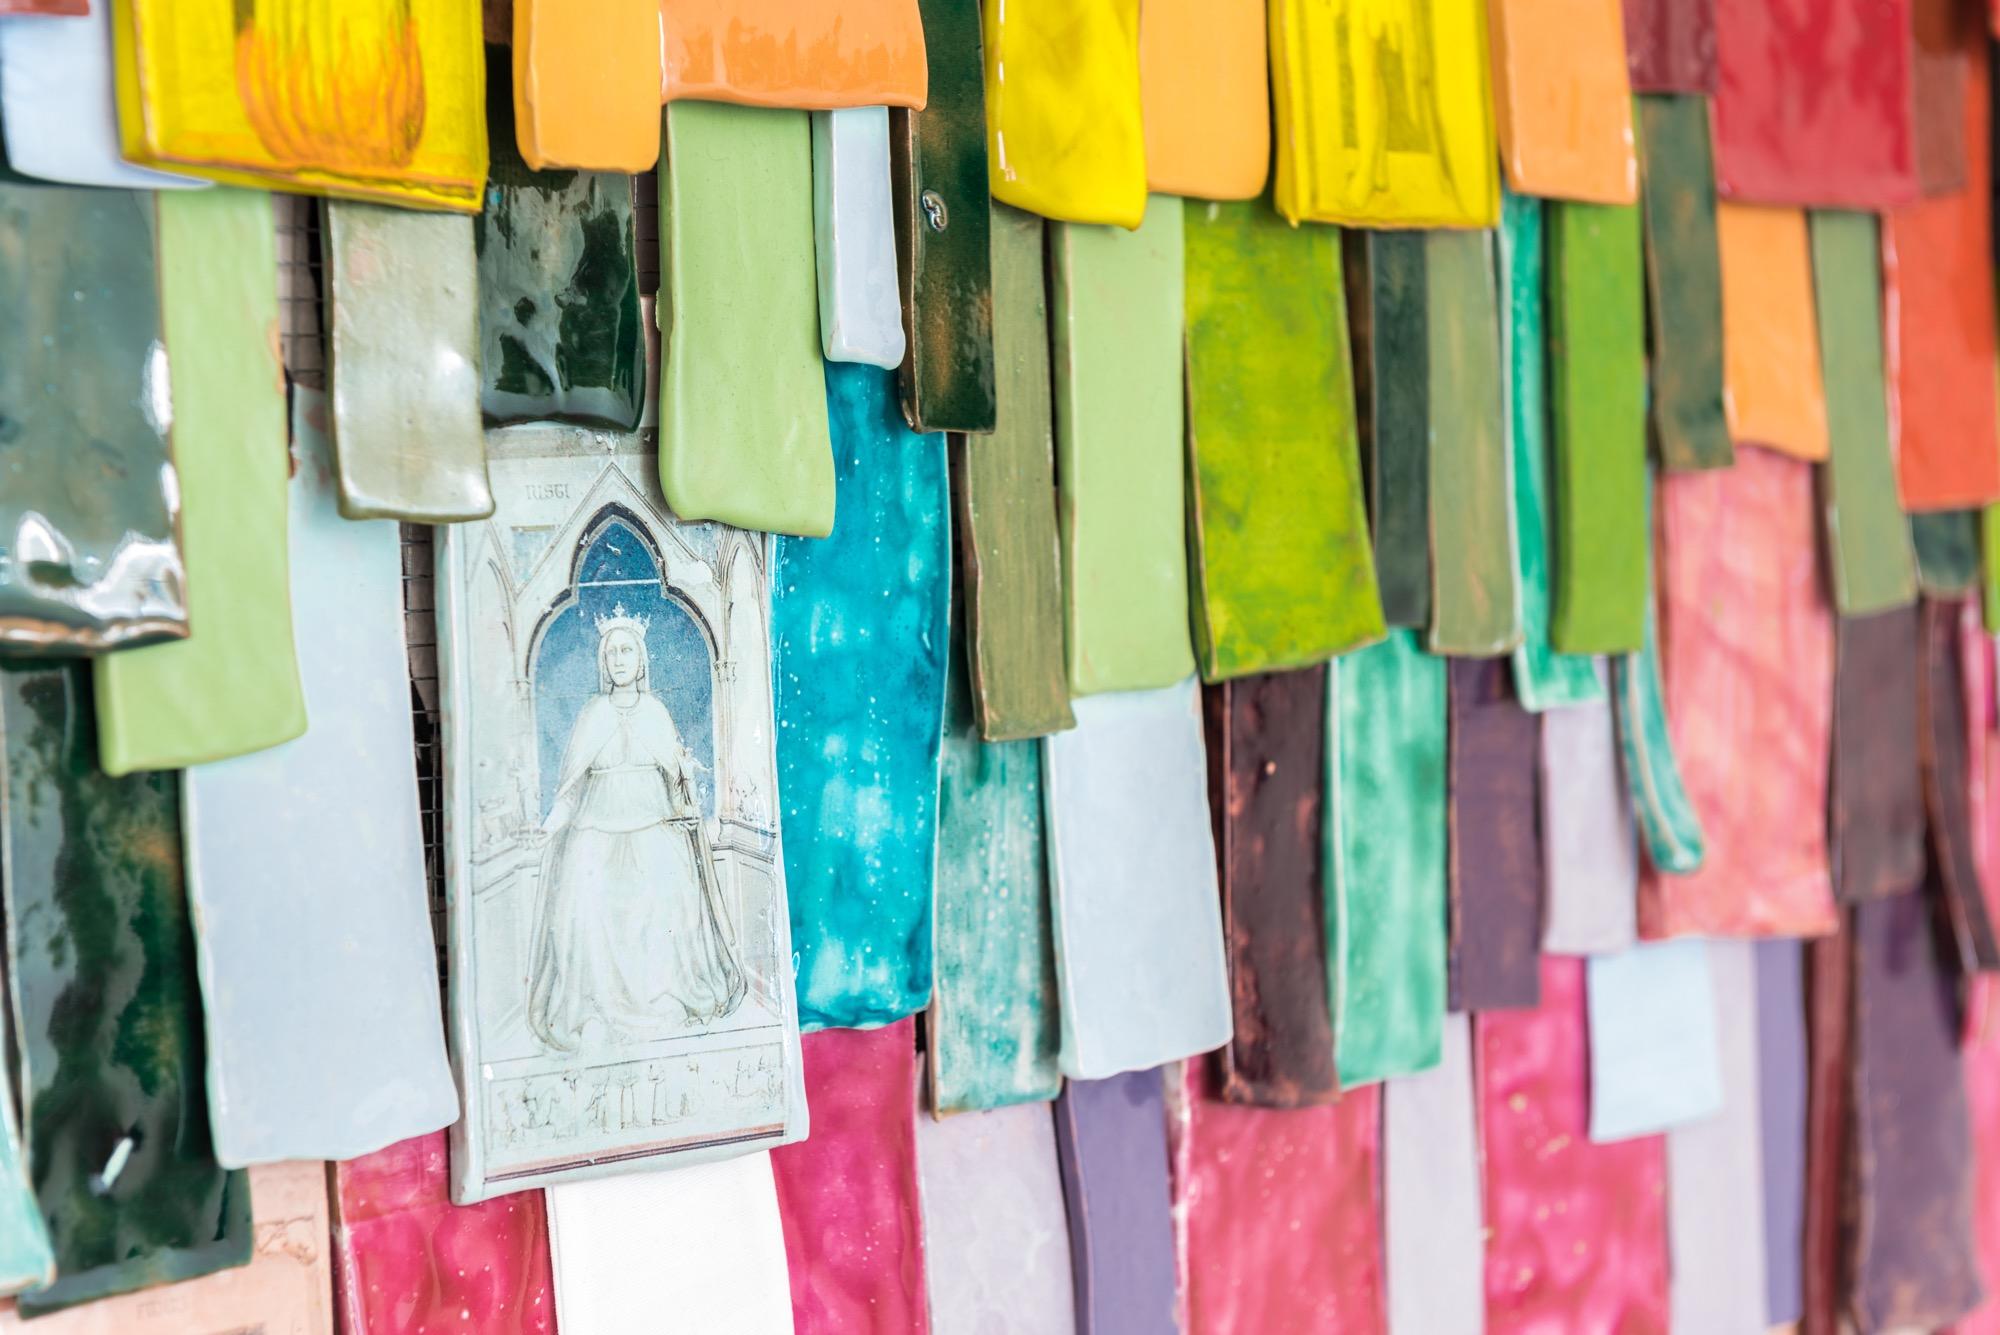 Giotto mi parla dettaglio © Chiara Casanova